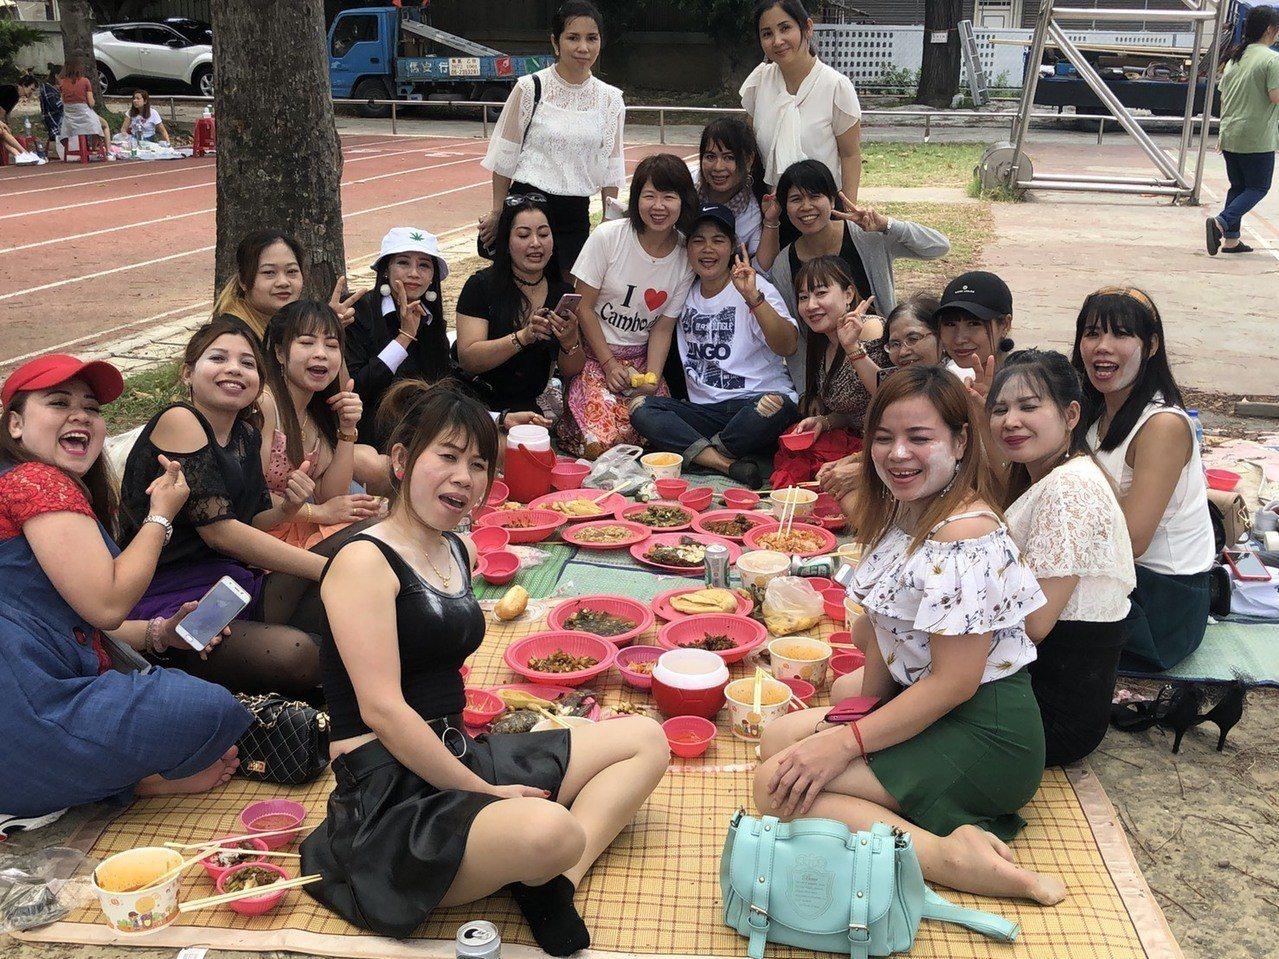 許多新住民姊妹聚餐共享潑水節幸福時光。記者卜敏正/攝影